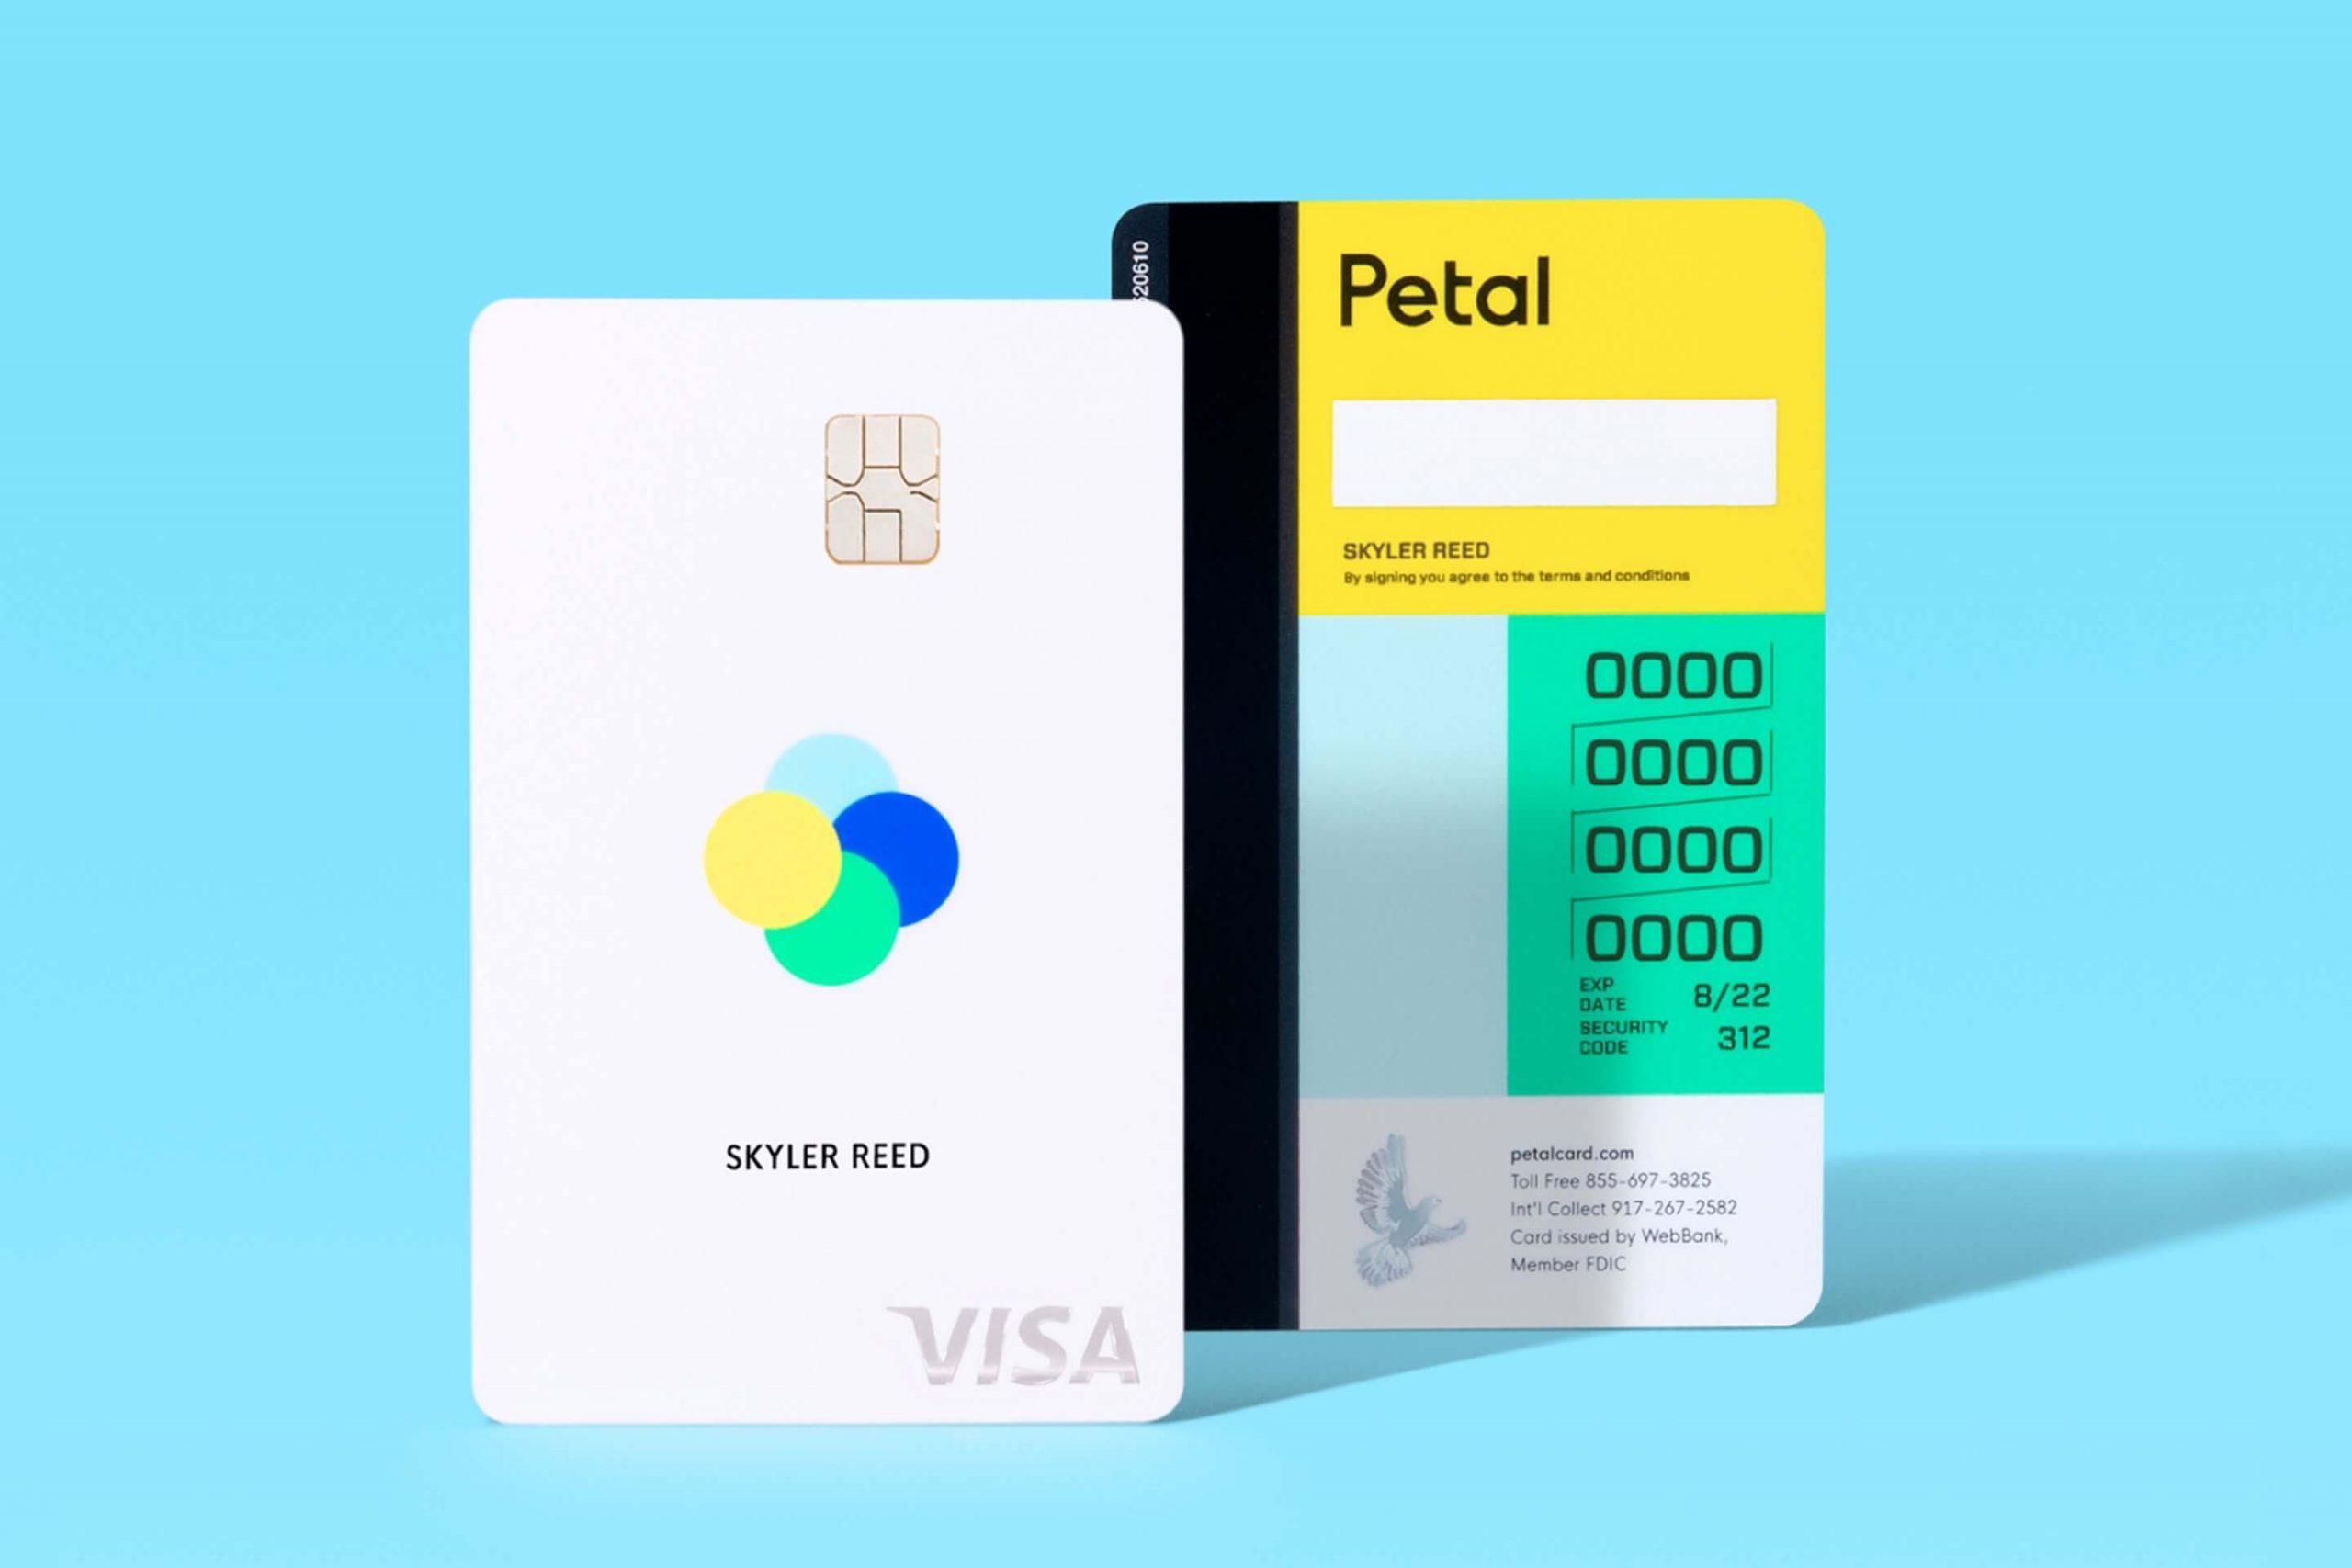 Petal 1 And 2 Visa Credit Cards Review